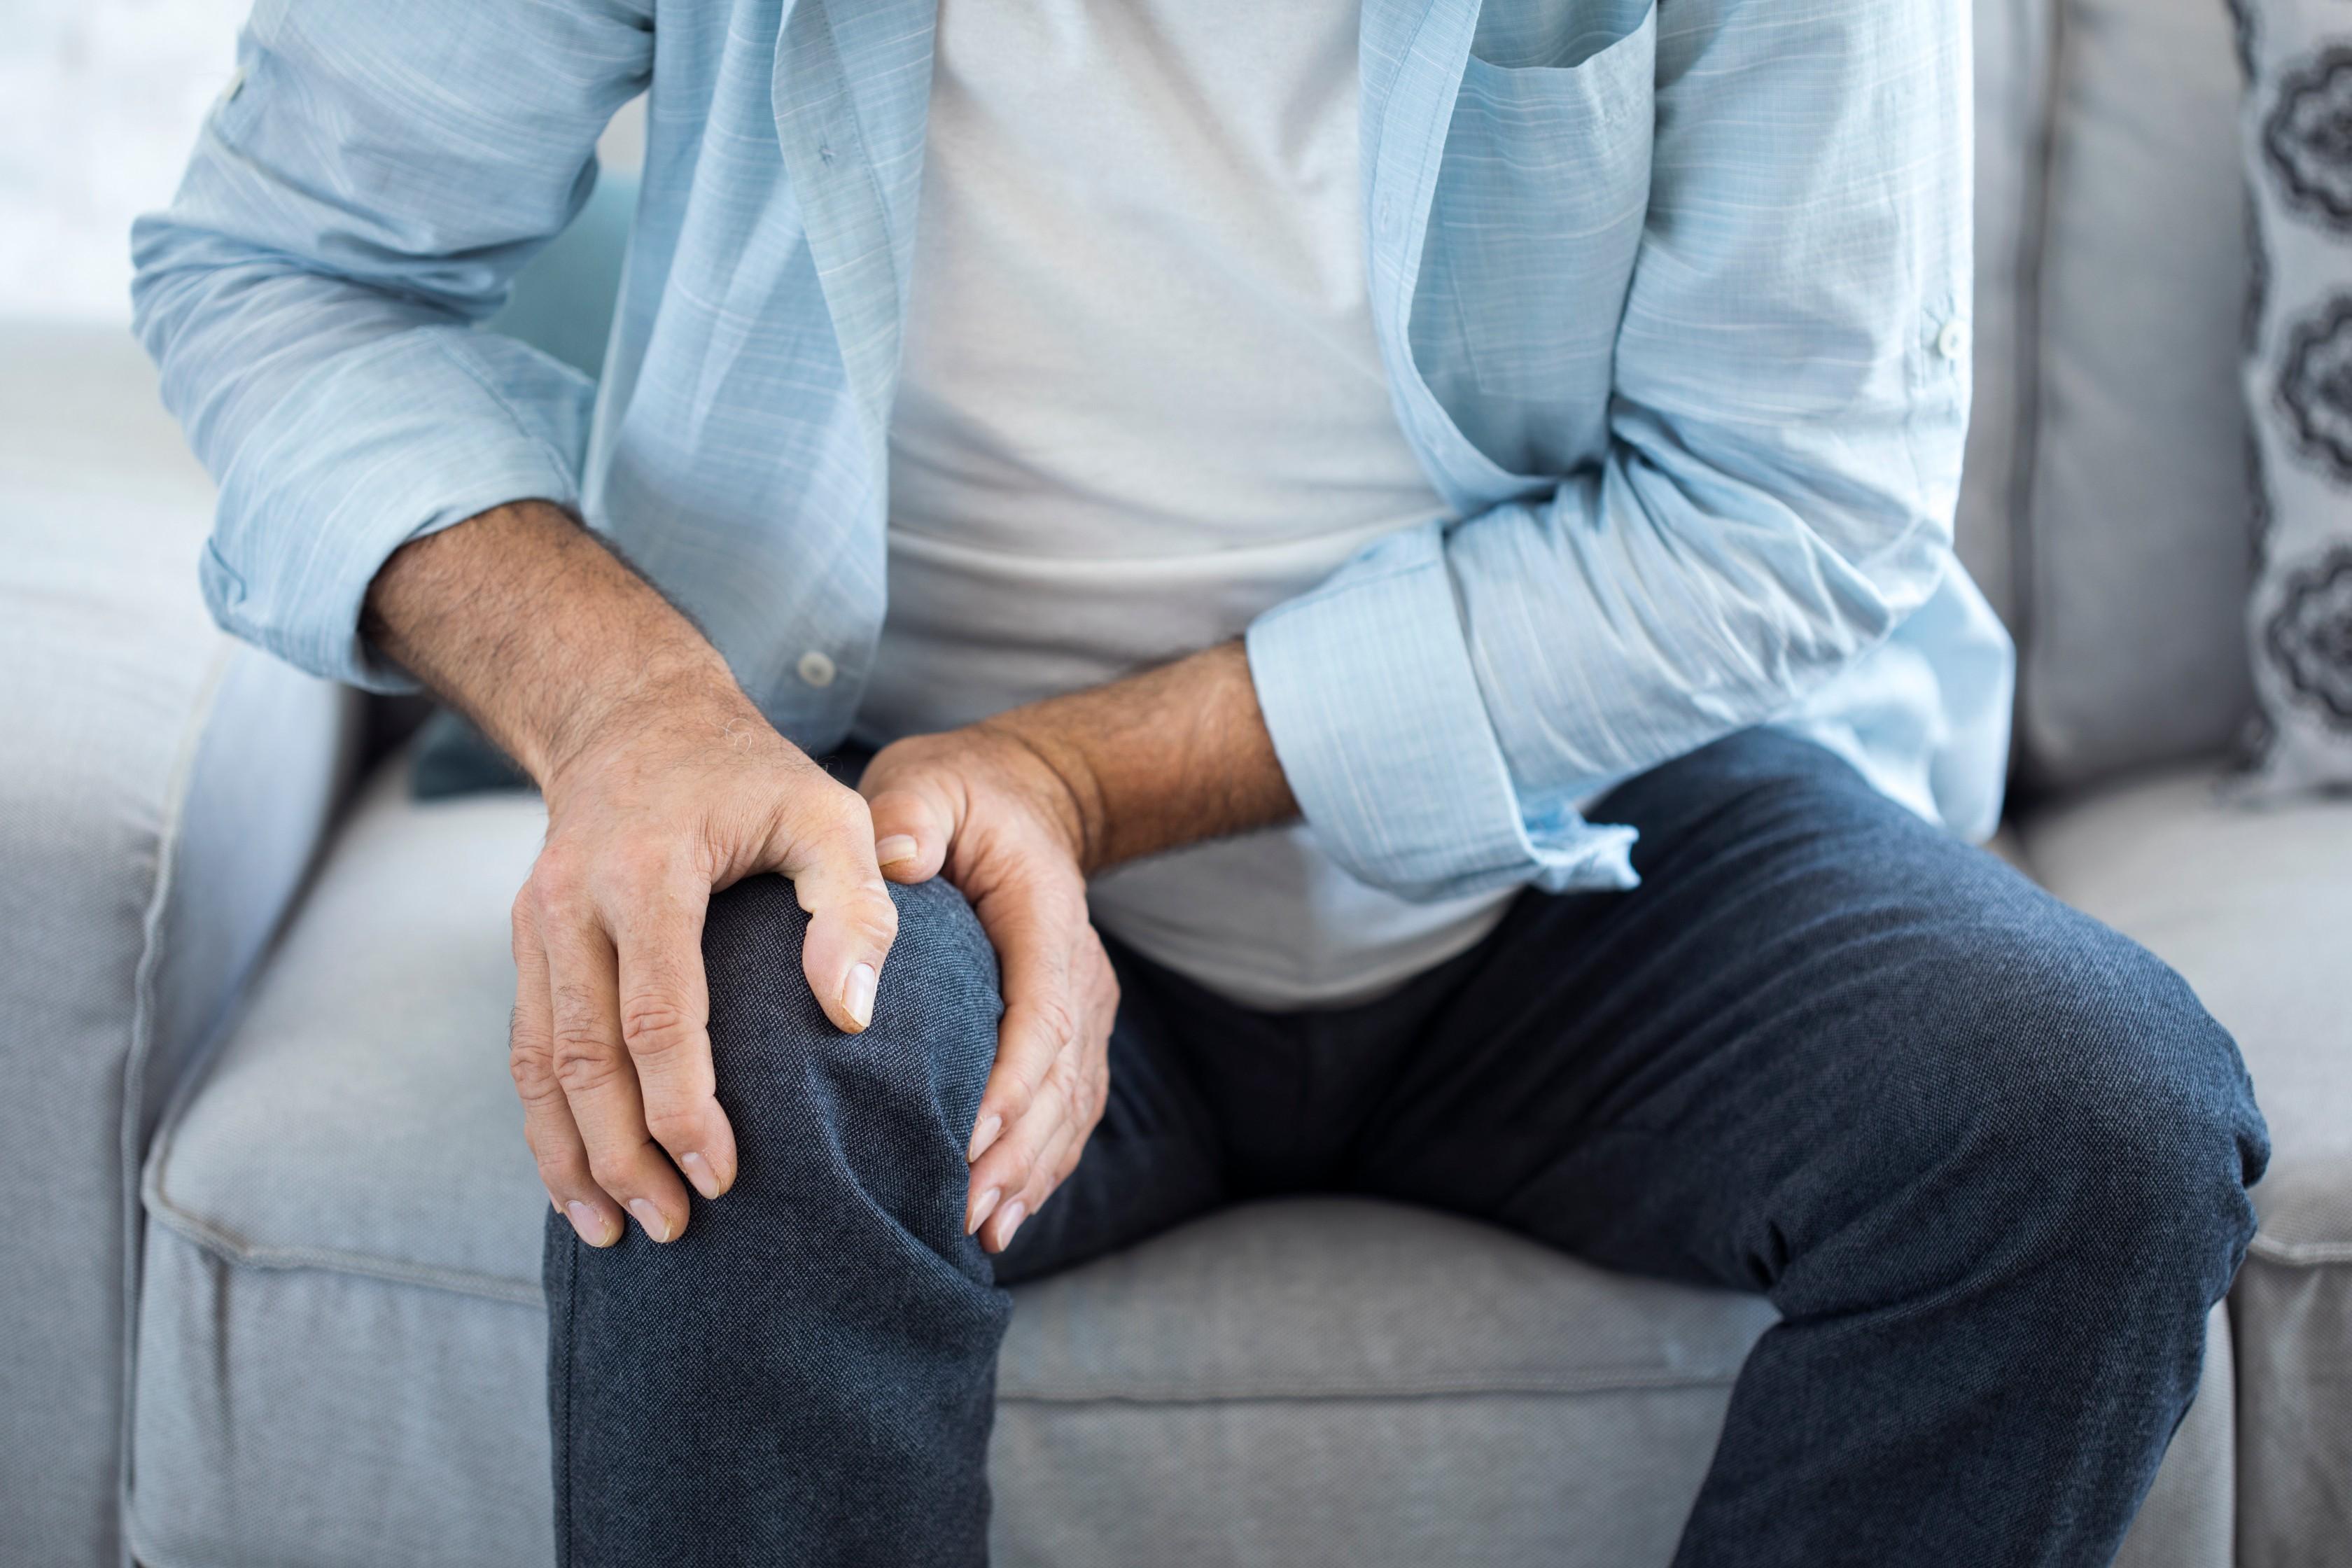 Fájdalom az egész test ízületeiben és az izmokban - Az ízületi fájdalom típusai